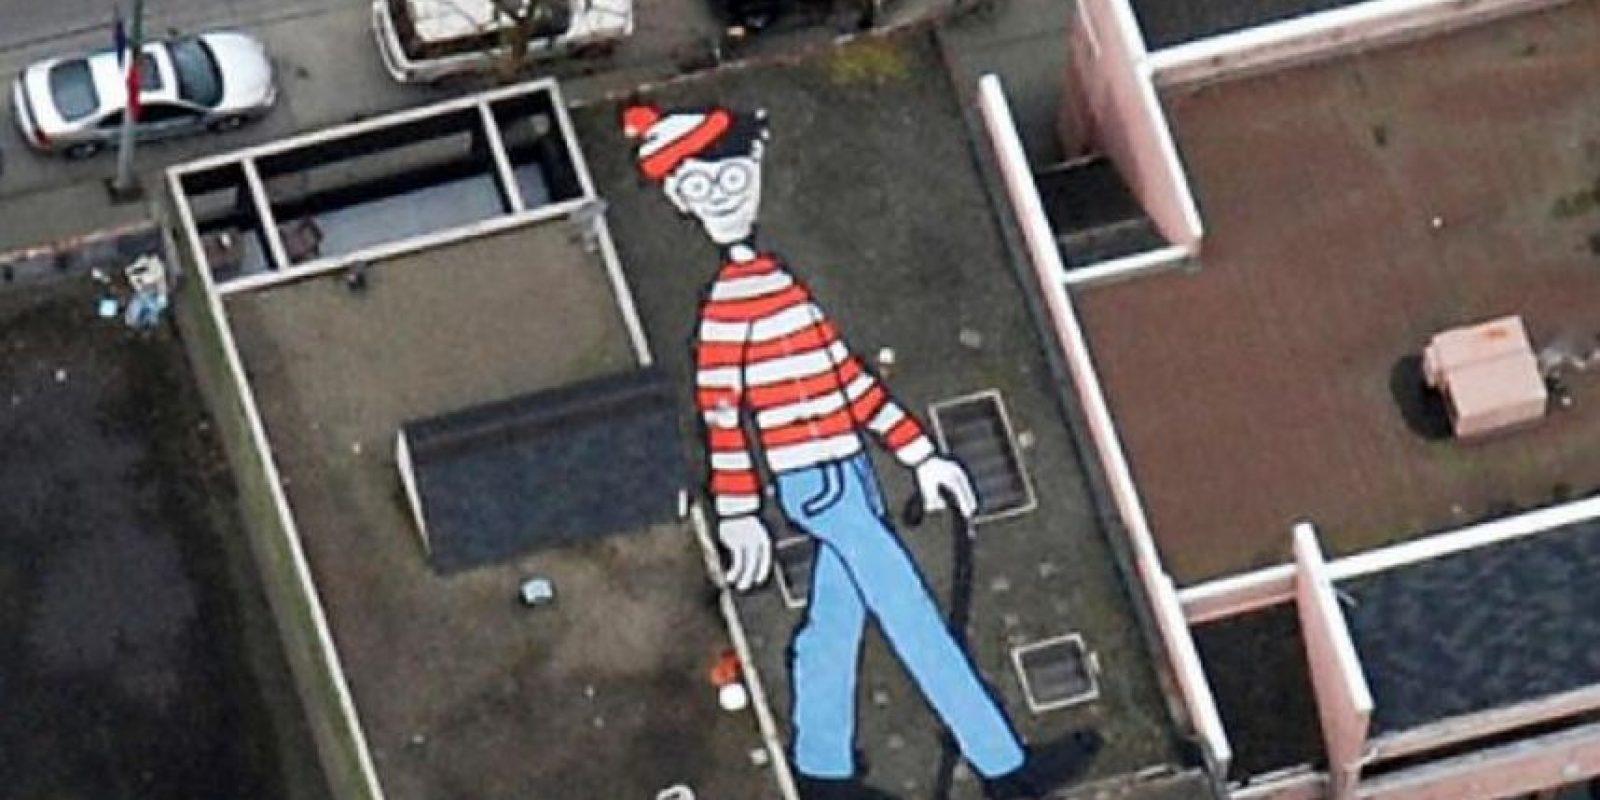 """Wally, el famoso personaje de la caricatura """"Y ¿Dónde está Wally?"""" se encuentra pintado en la azotea de una casa de Vancouver en Canadá. Es una obra de la artista canadiense Melanie Coles. Foto:Google Earth"""